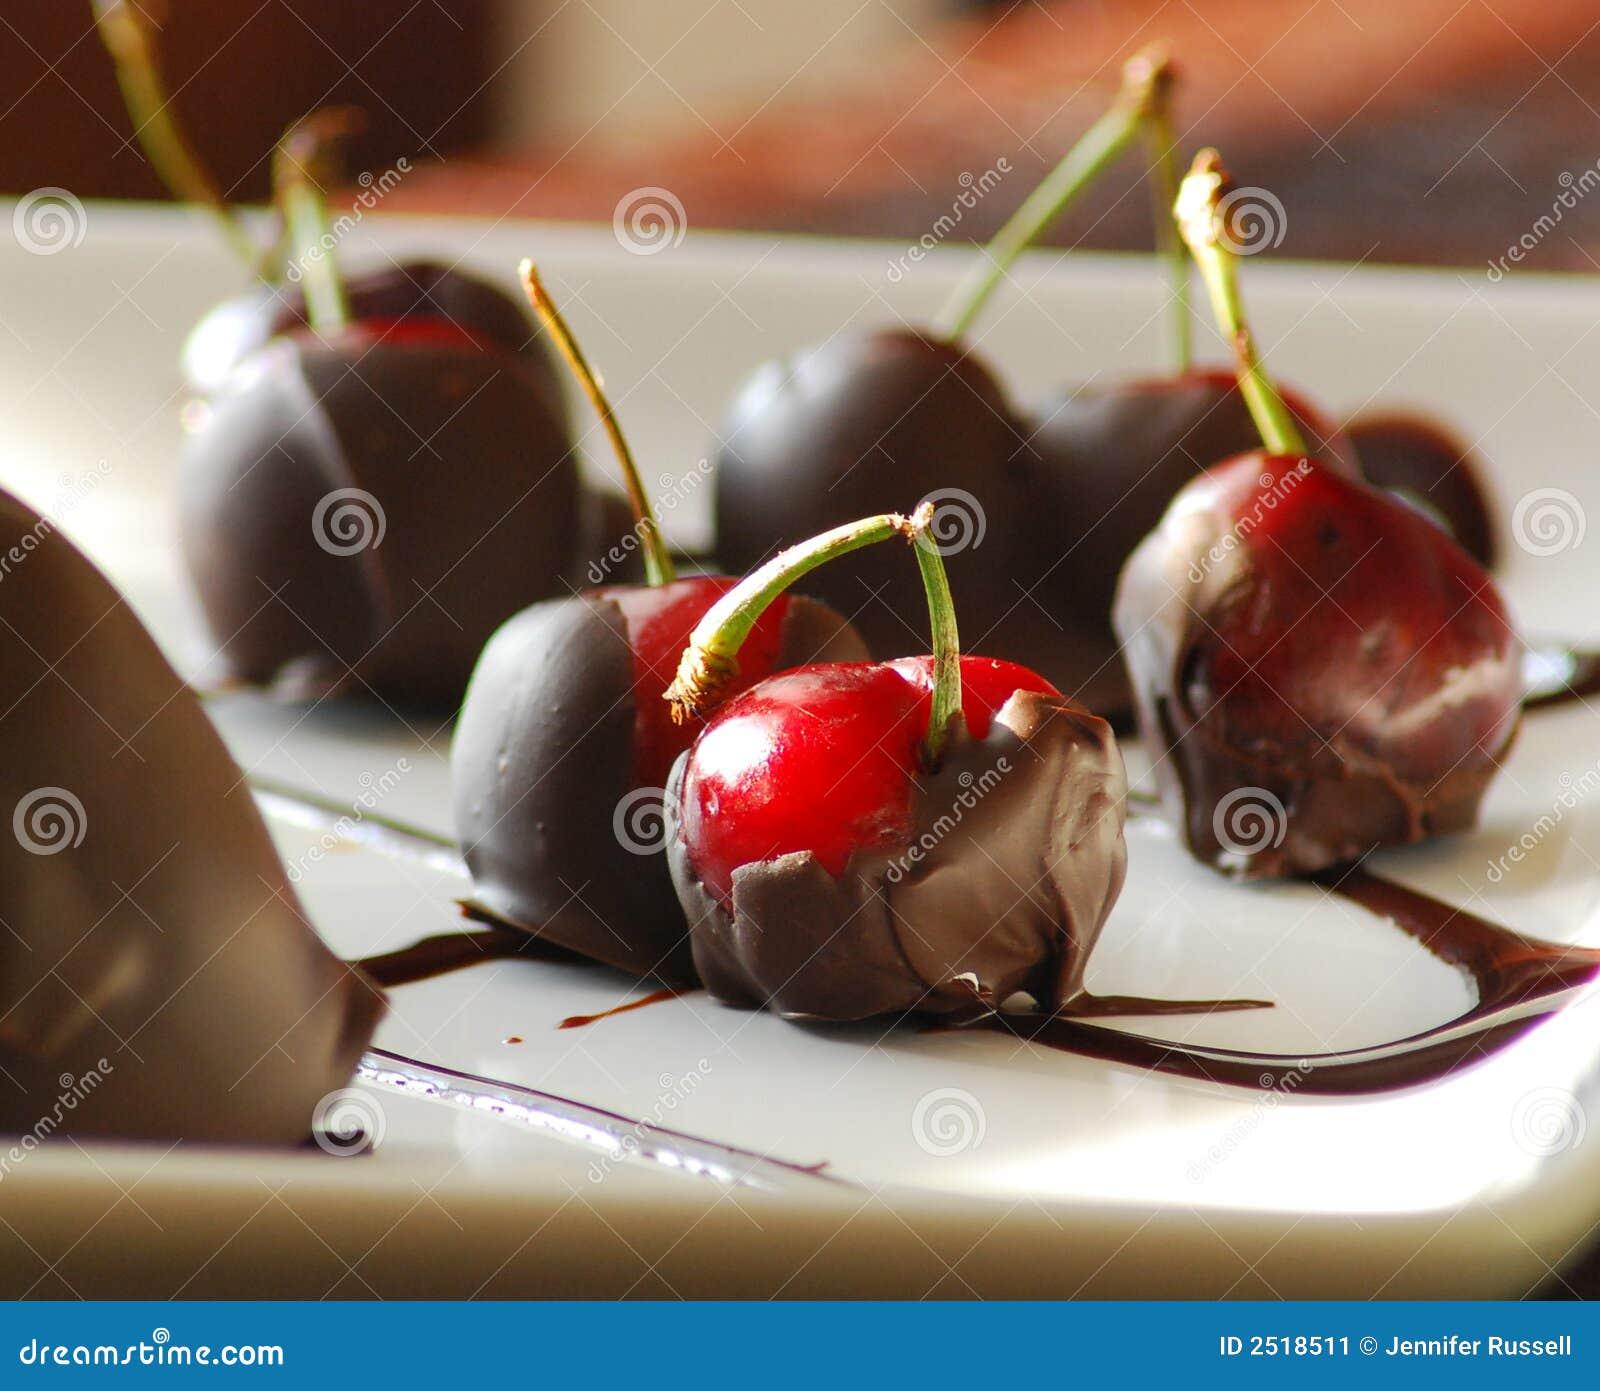 Schokolade deckte Kirschen ab